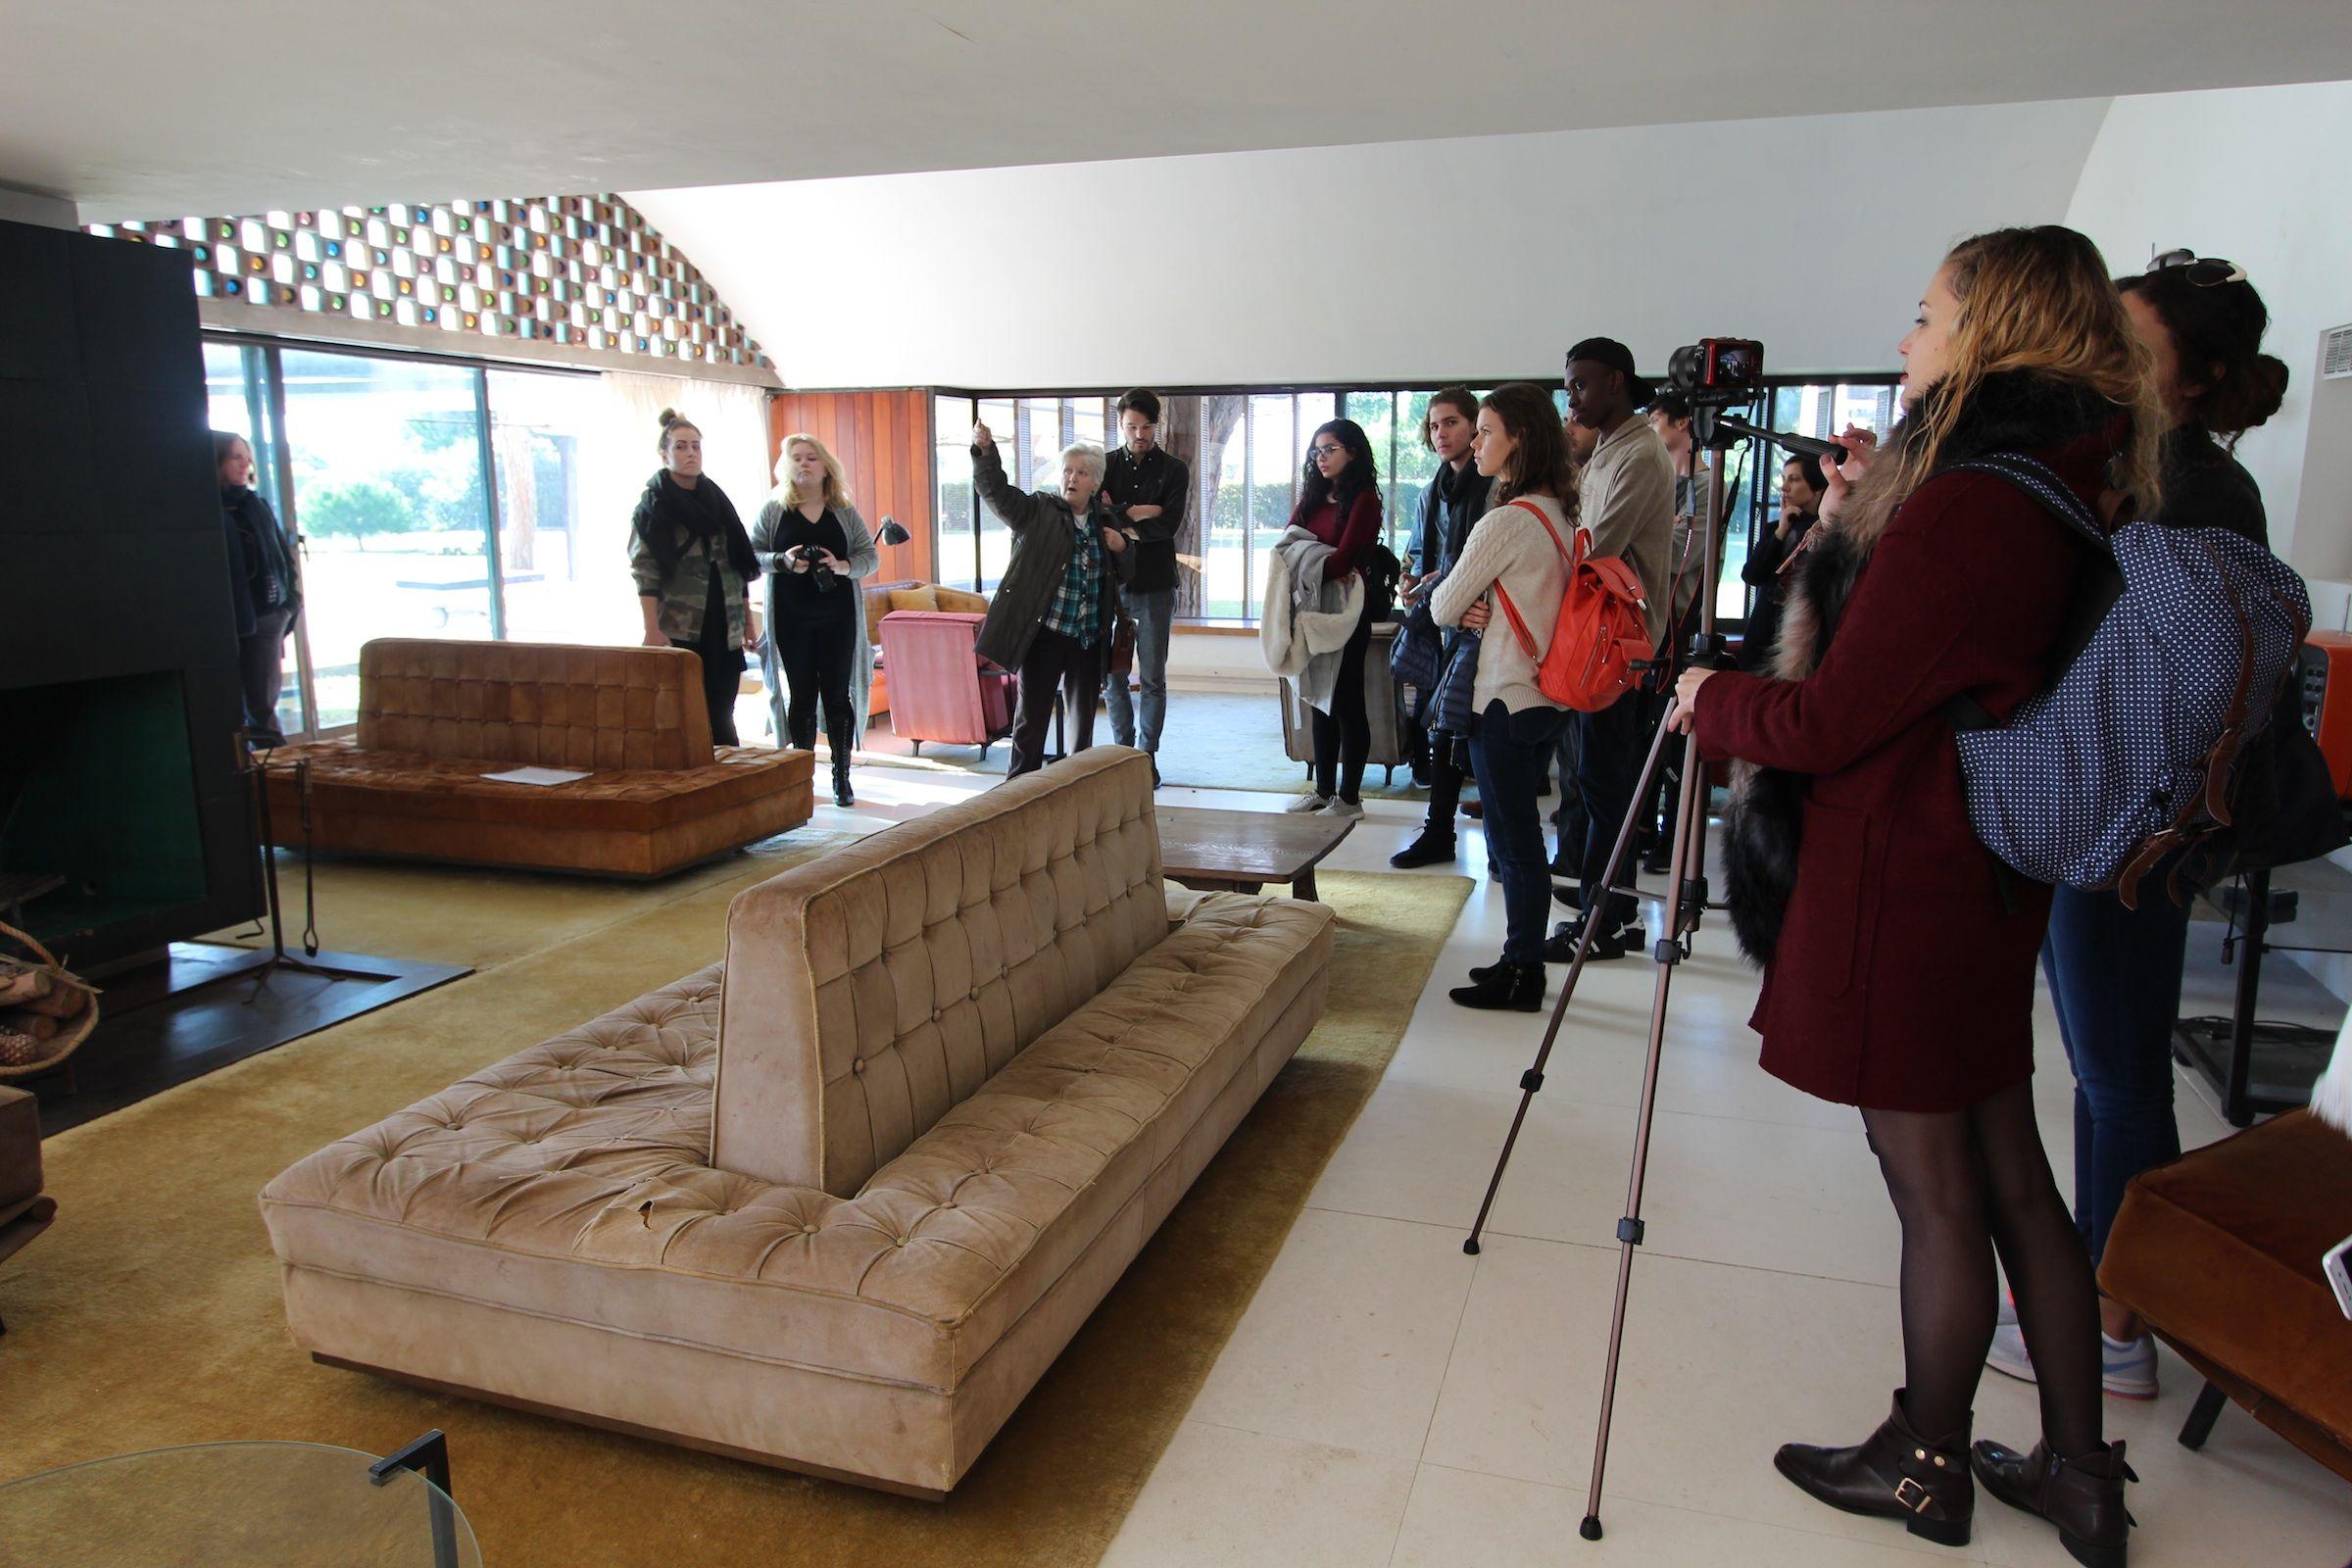 Estudiantes de Architecture de la CEU-UCH, en su visita a la casa La Ricarda Gomis, en Barcelona.Estudiantes de Architecture de la CEU-UCH, en su visita a la casa La Ricarda Gomis, en Barcelona.